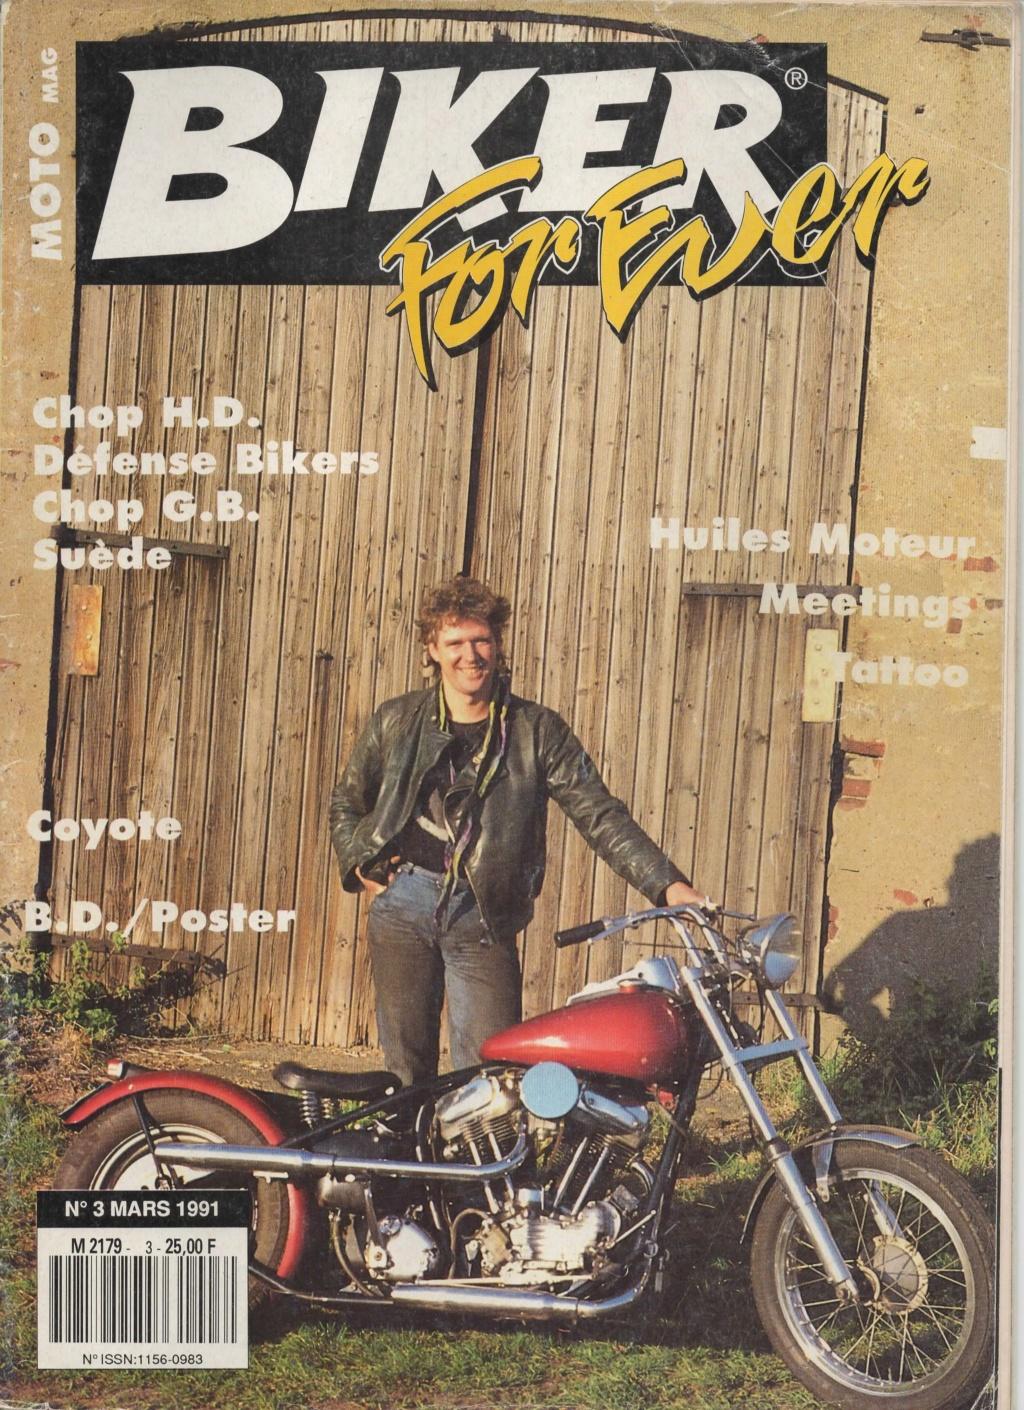 Couvertures de magazines et livres - Page 9 Biker10